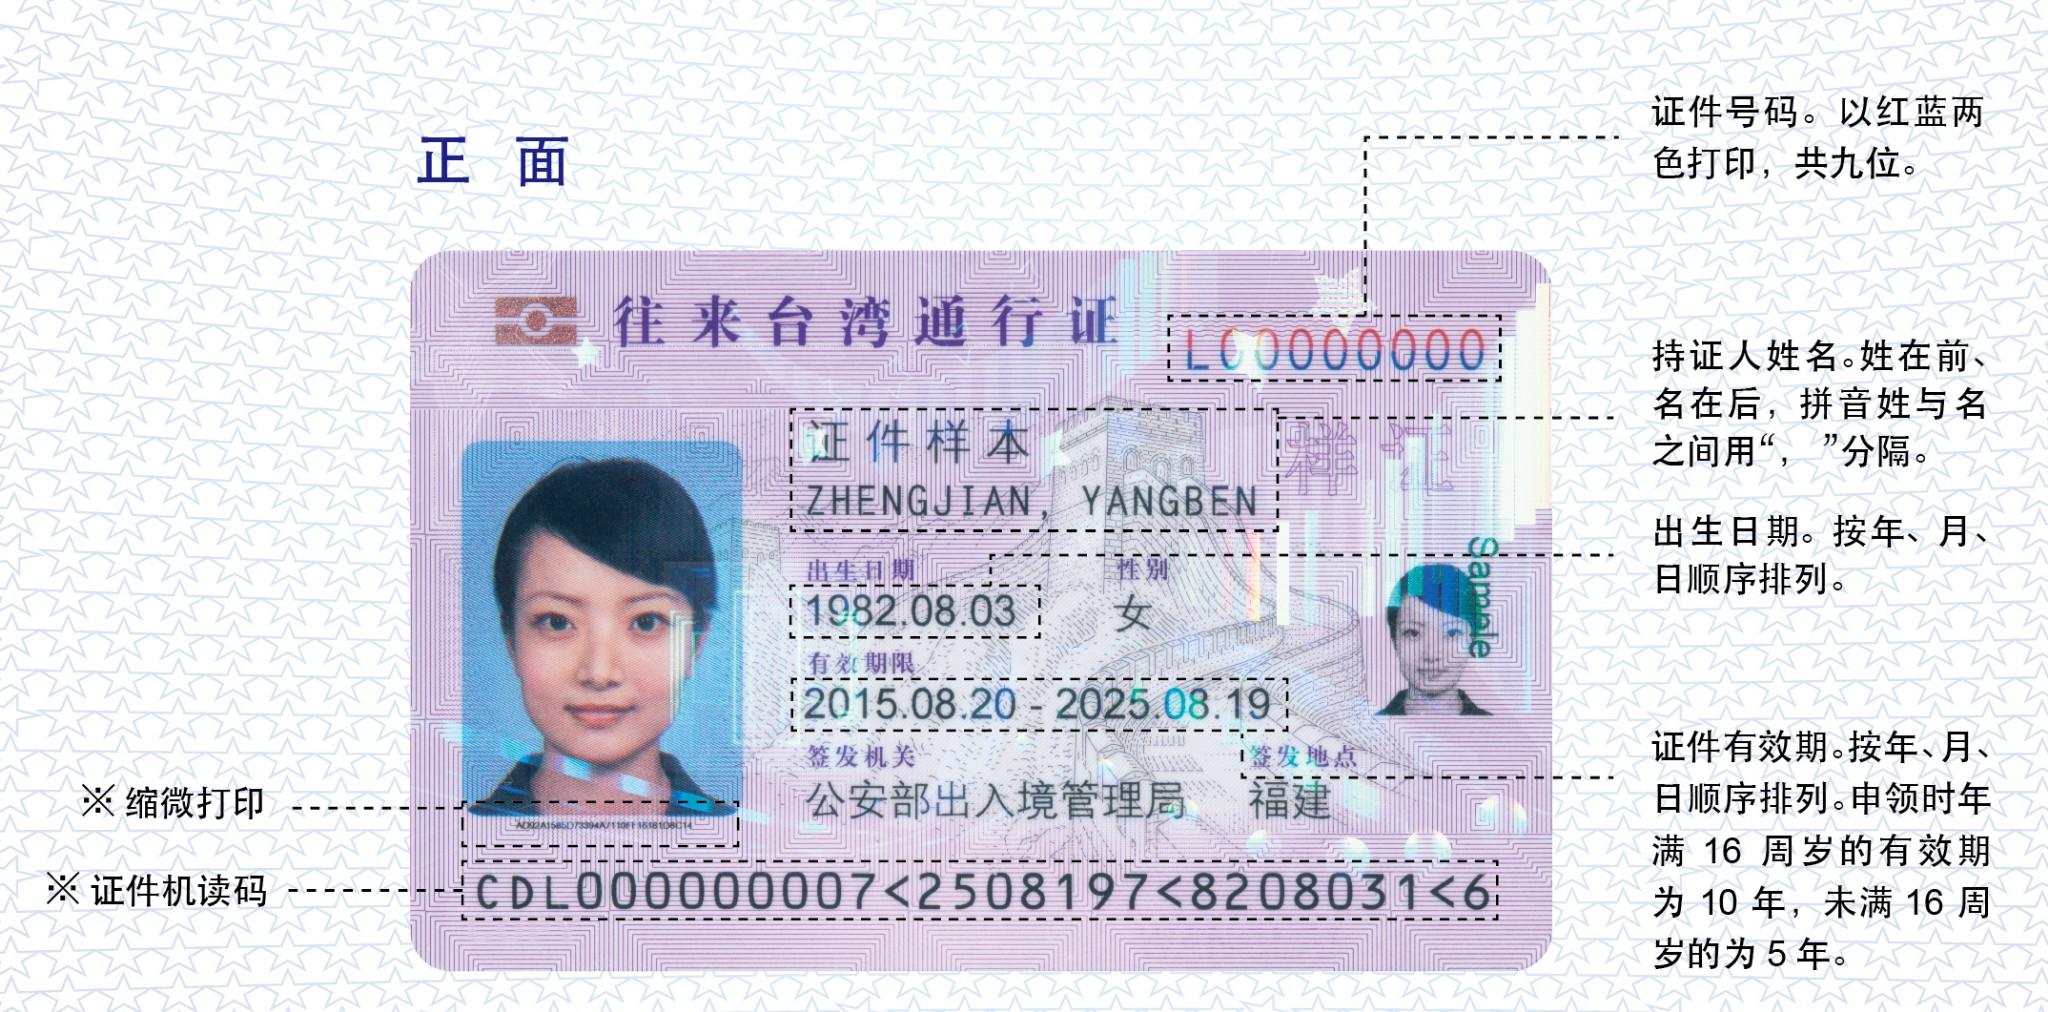 入台证、台湾通行证、签注,有什么区别 ?